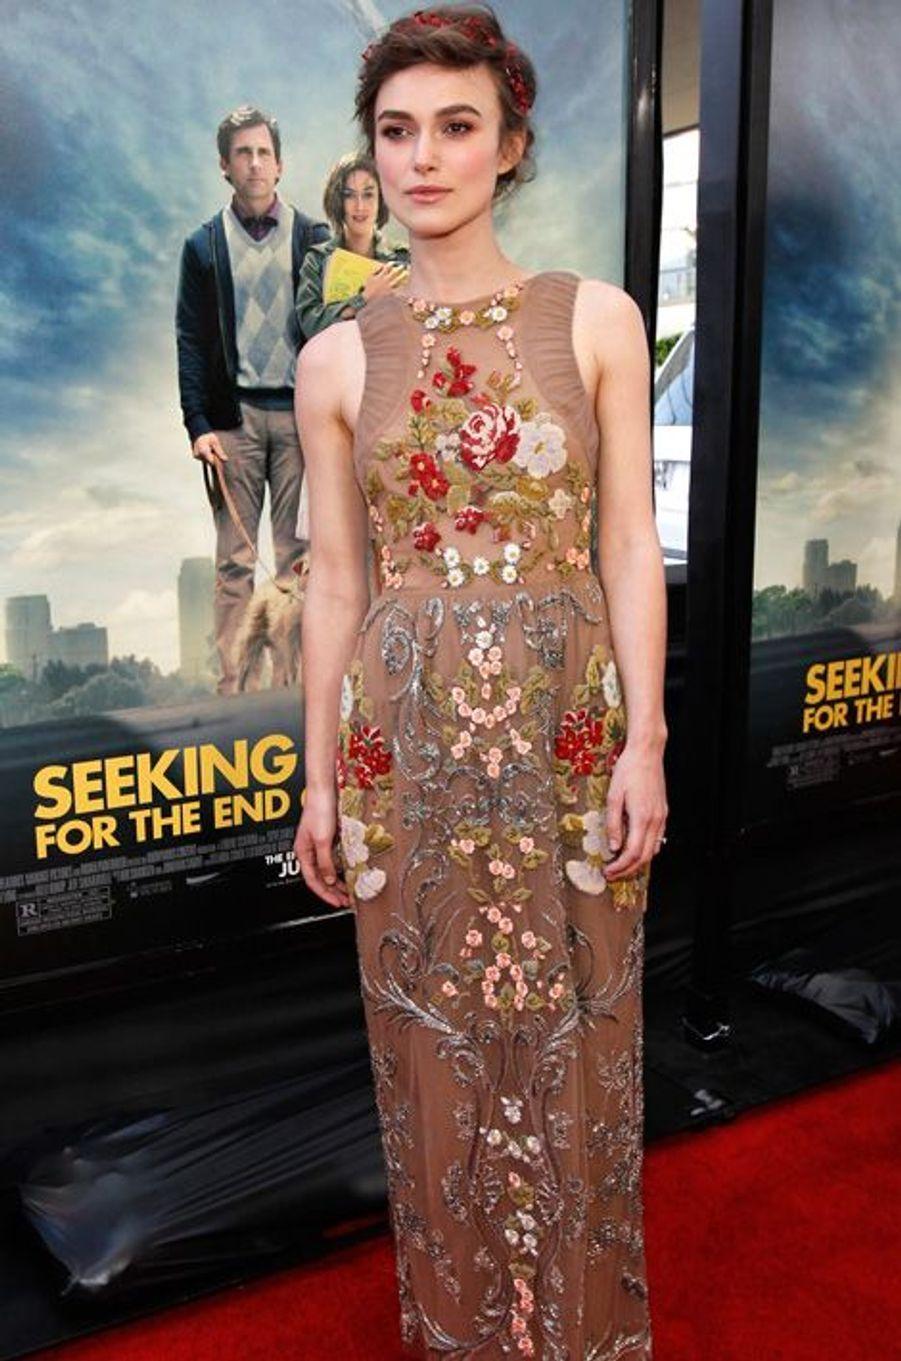 En juin 2012 au Los Angeles Film Festival